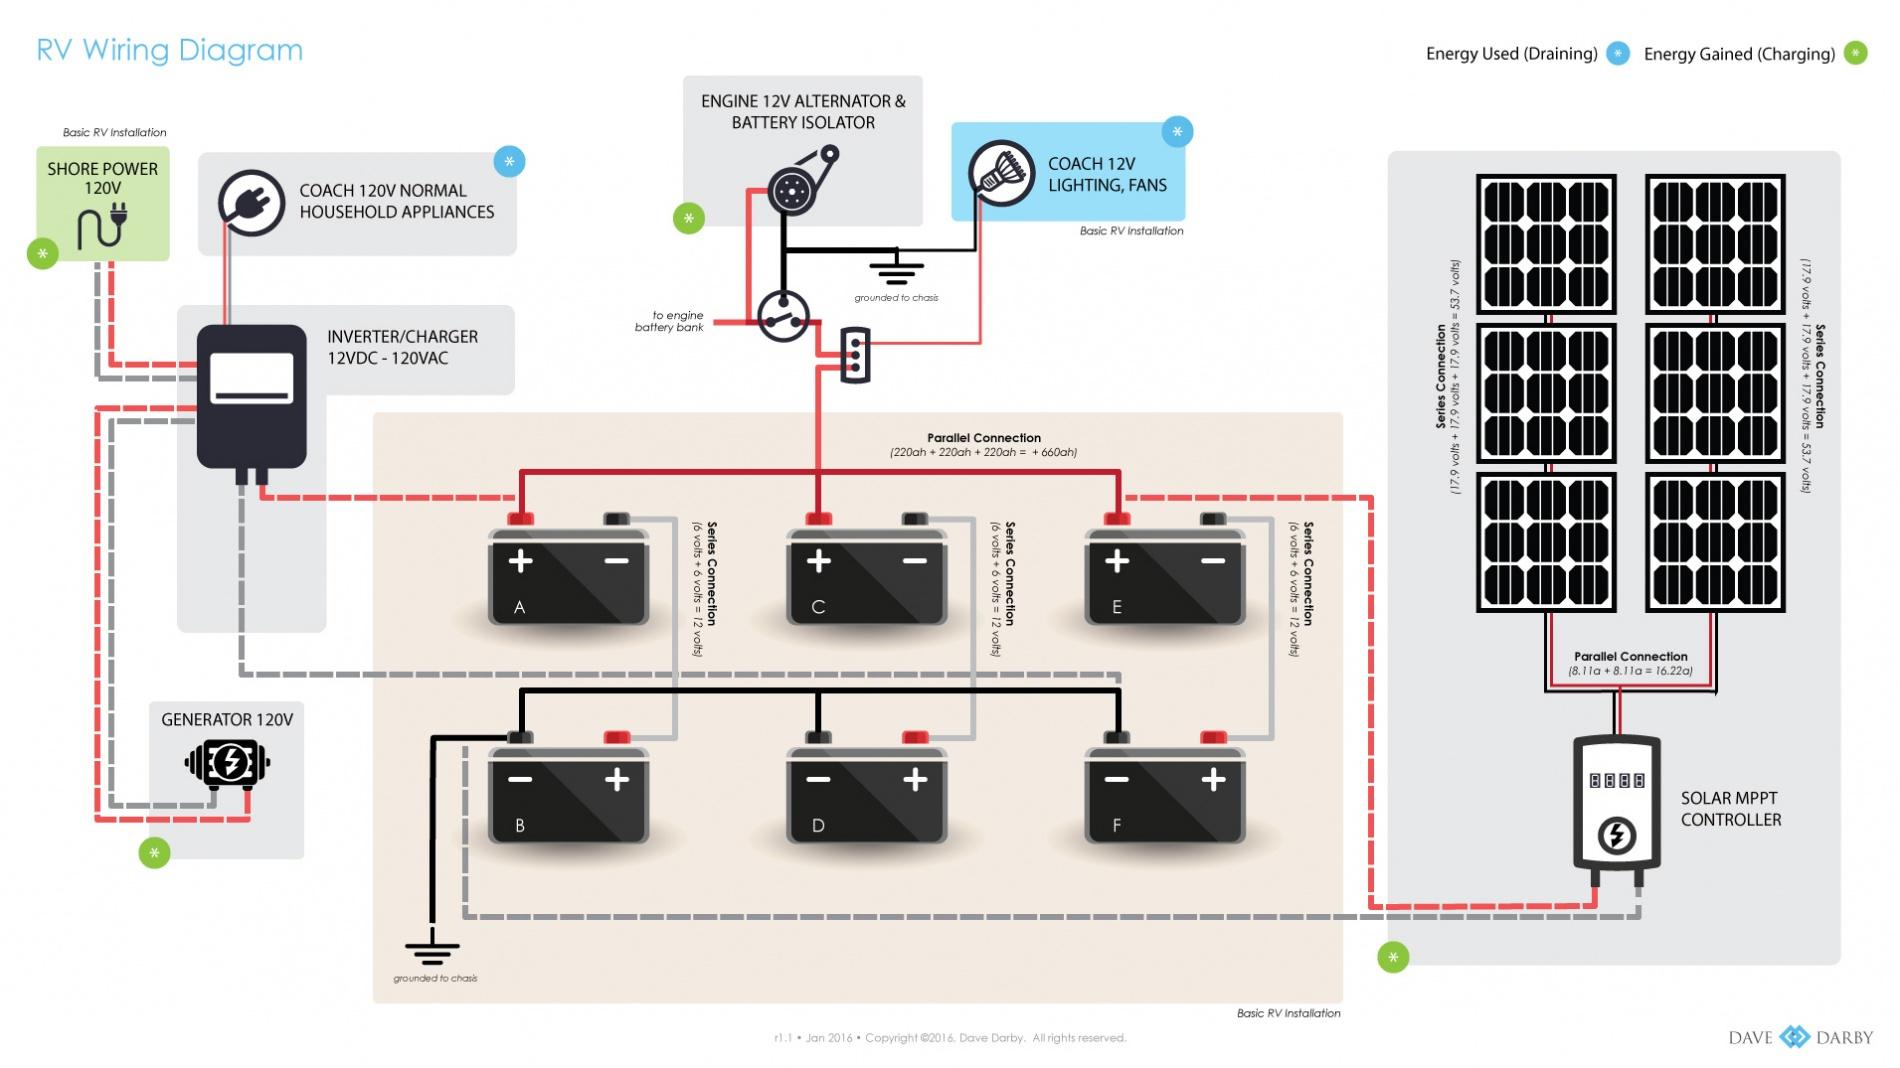 Off Grid Solar System Wiring Diagram | Wiring Diagram - Solar Panels Wiring Diagram